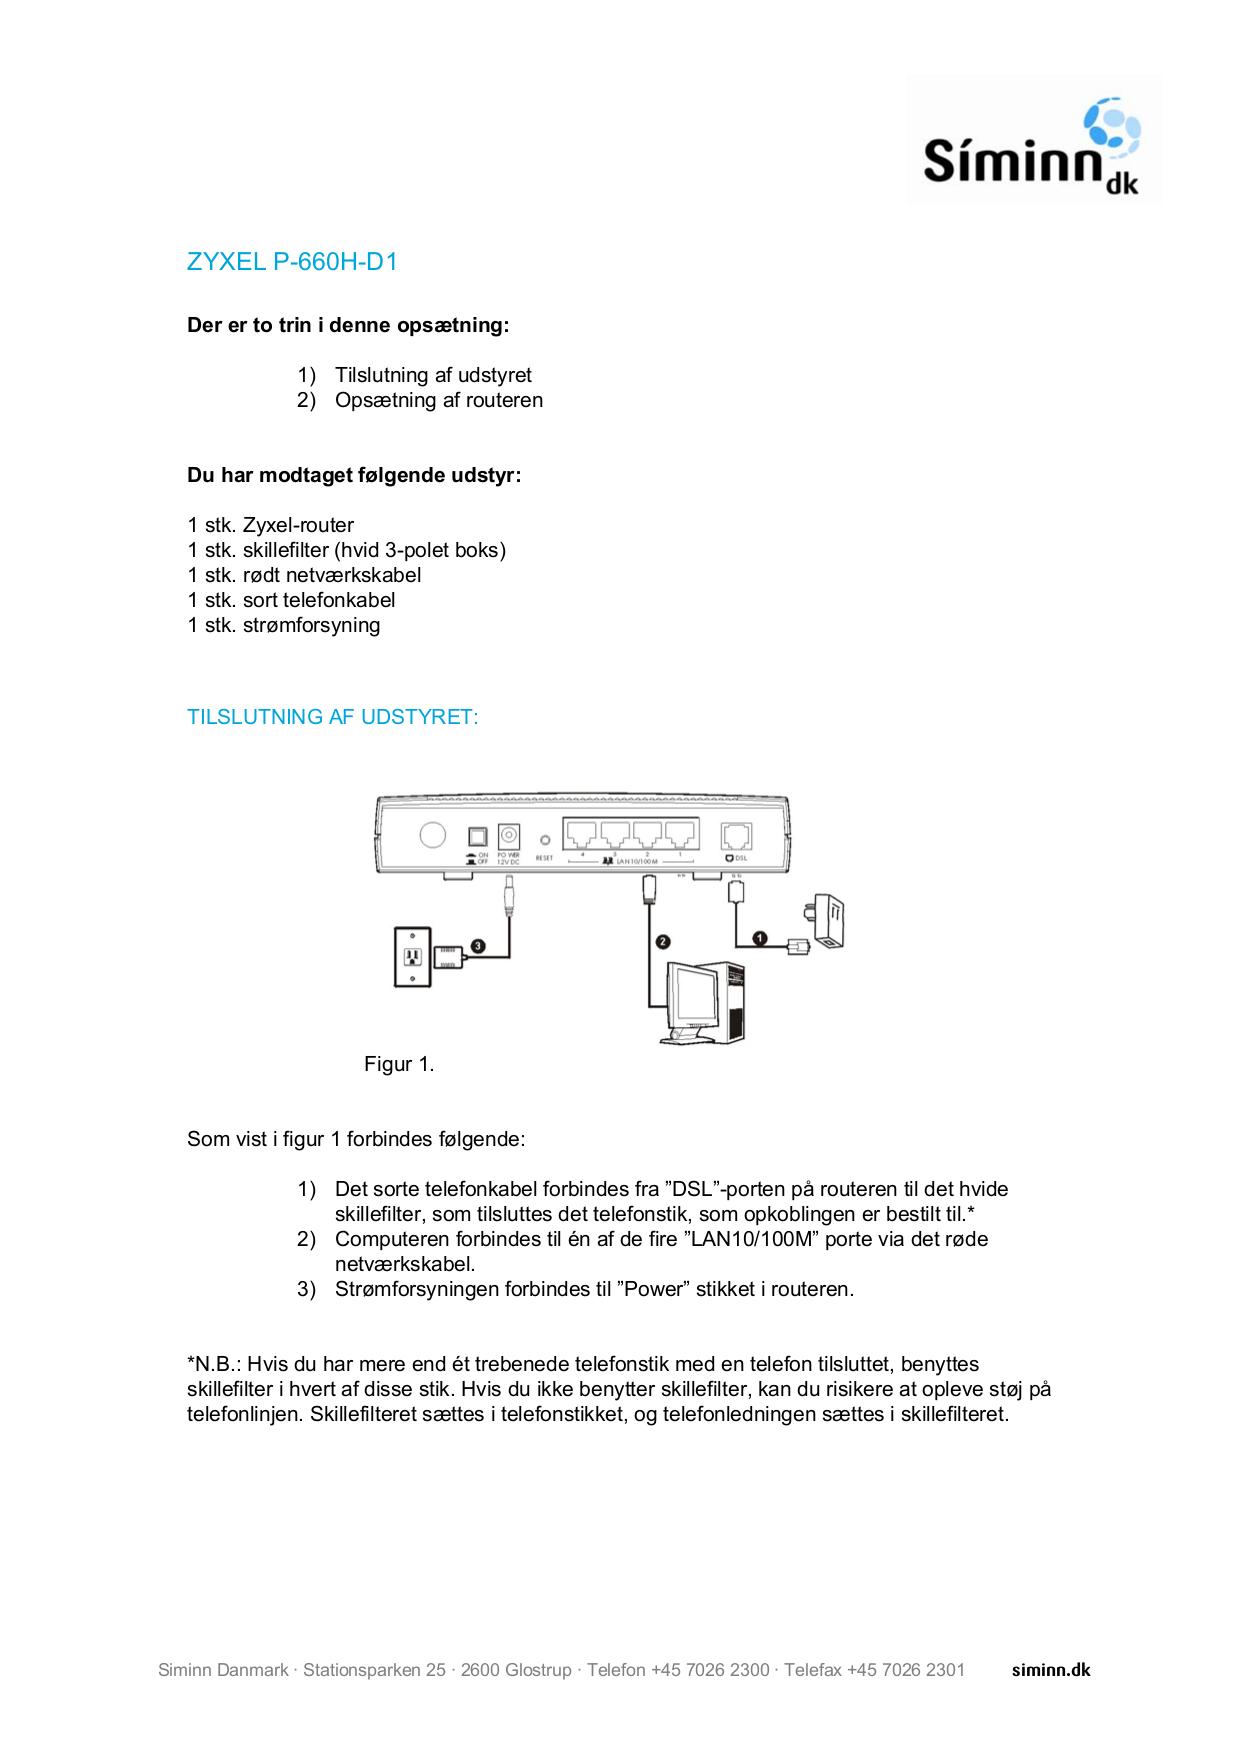 P-660h-d1 manual download zyxel pdf